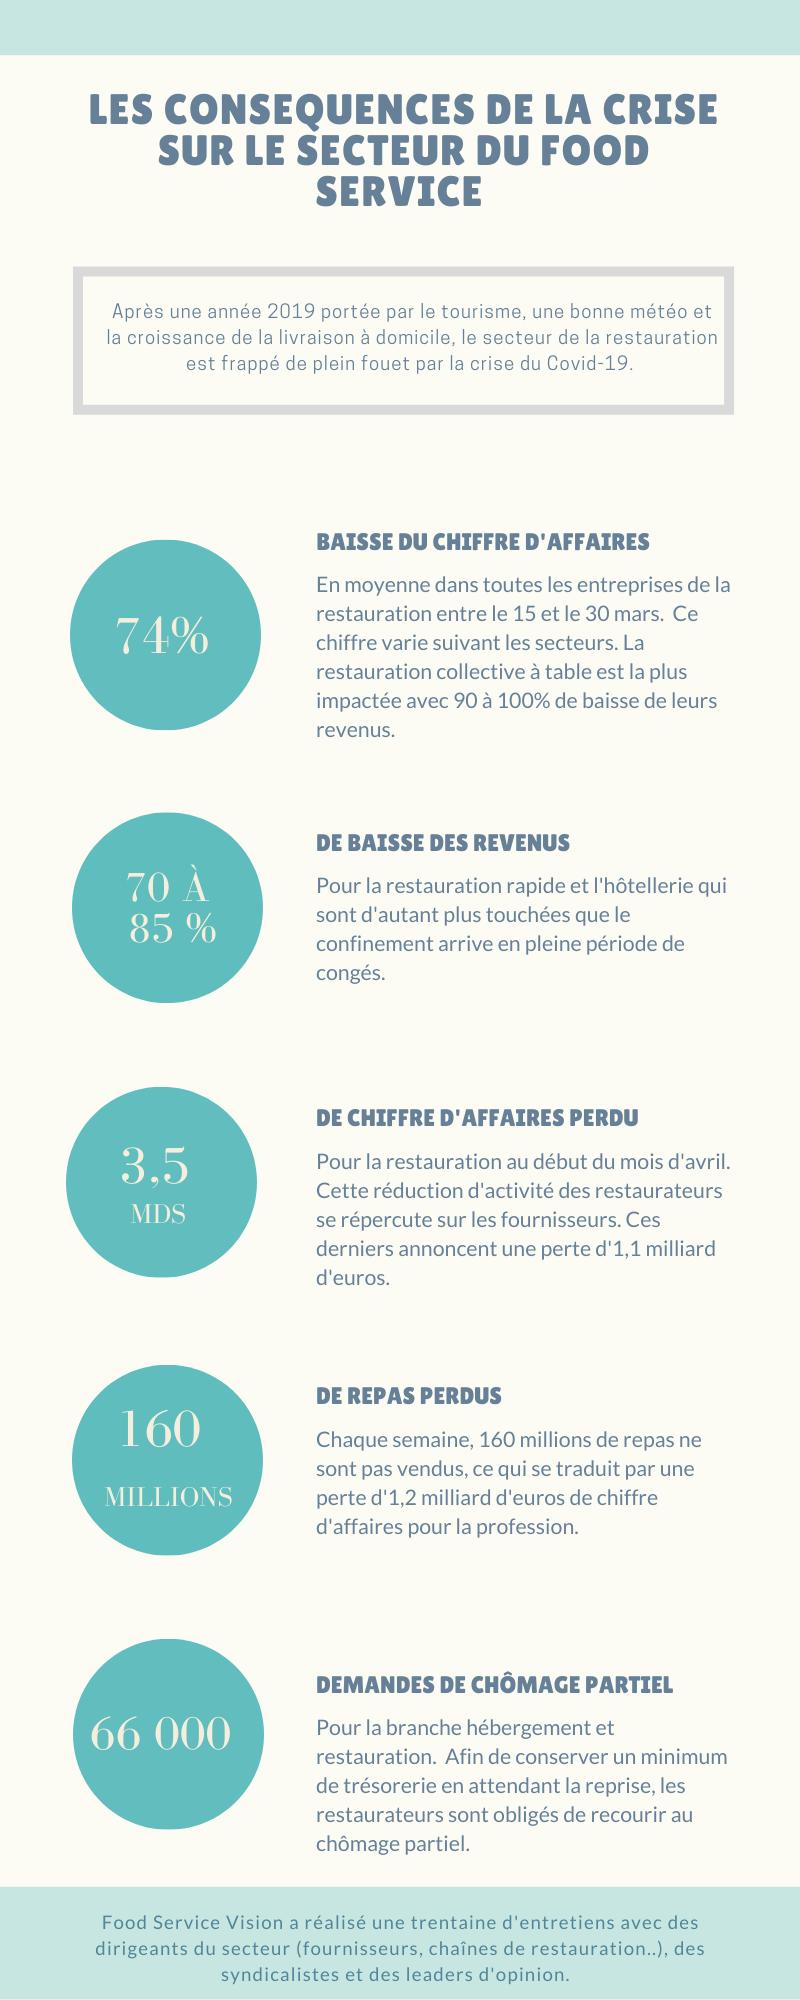 infographie foodservision influences du covid-19 sur le foodservice et la restauration